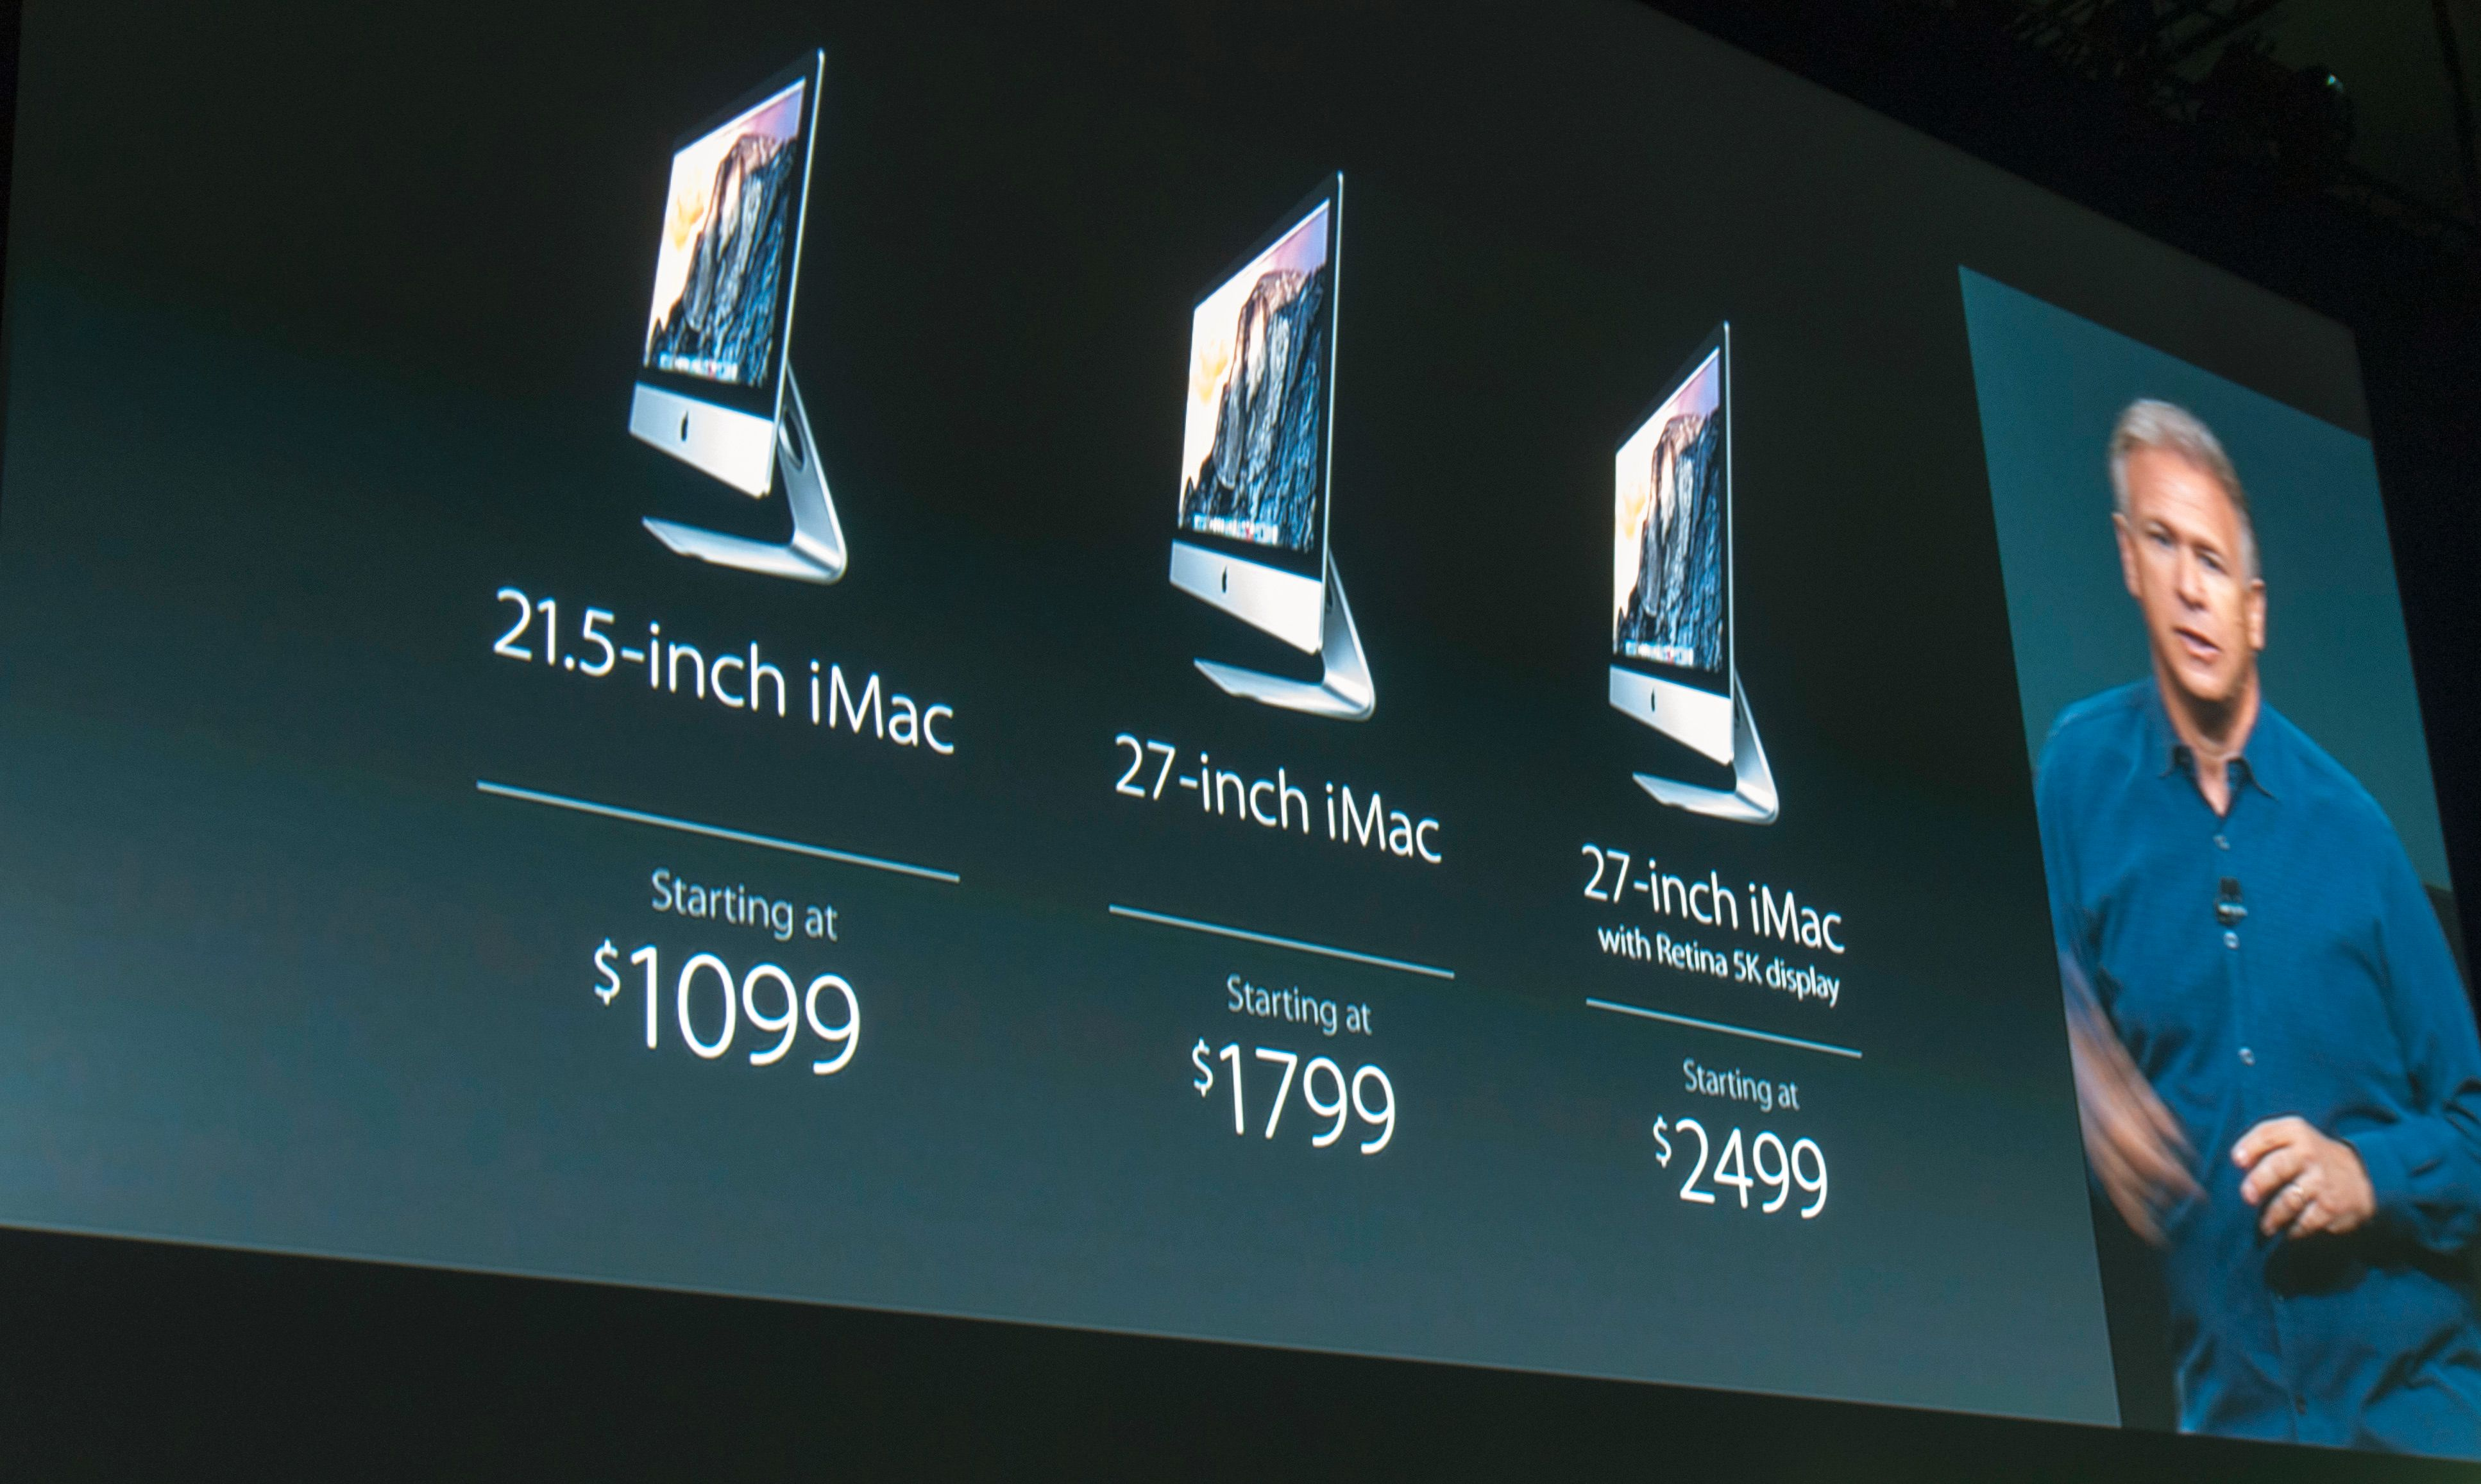 iMac med priser.